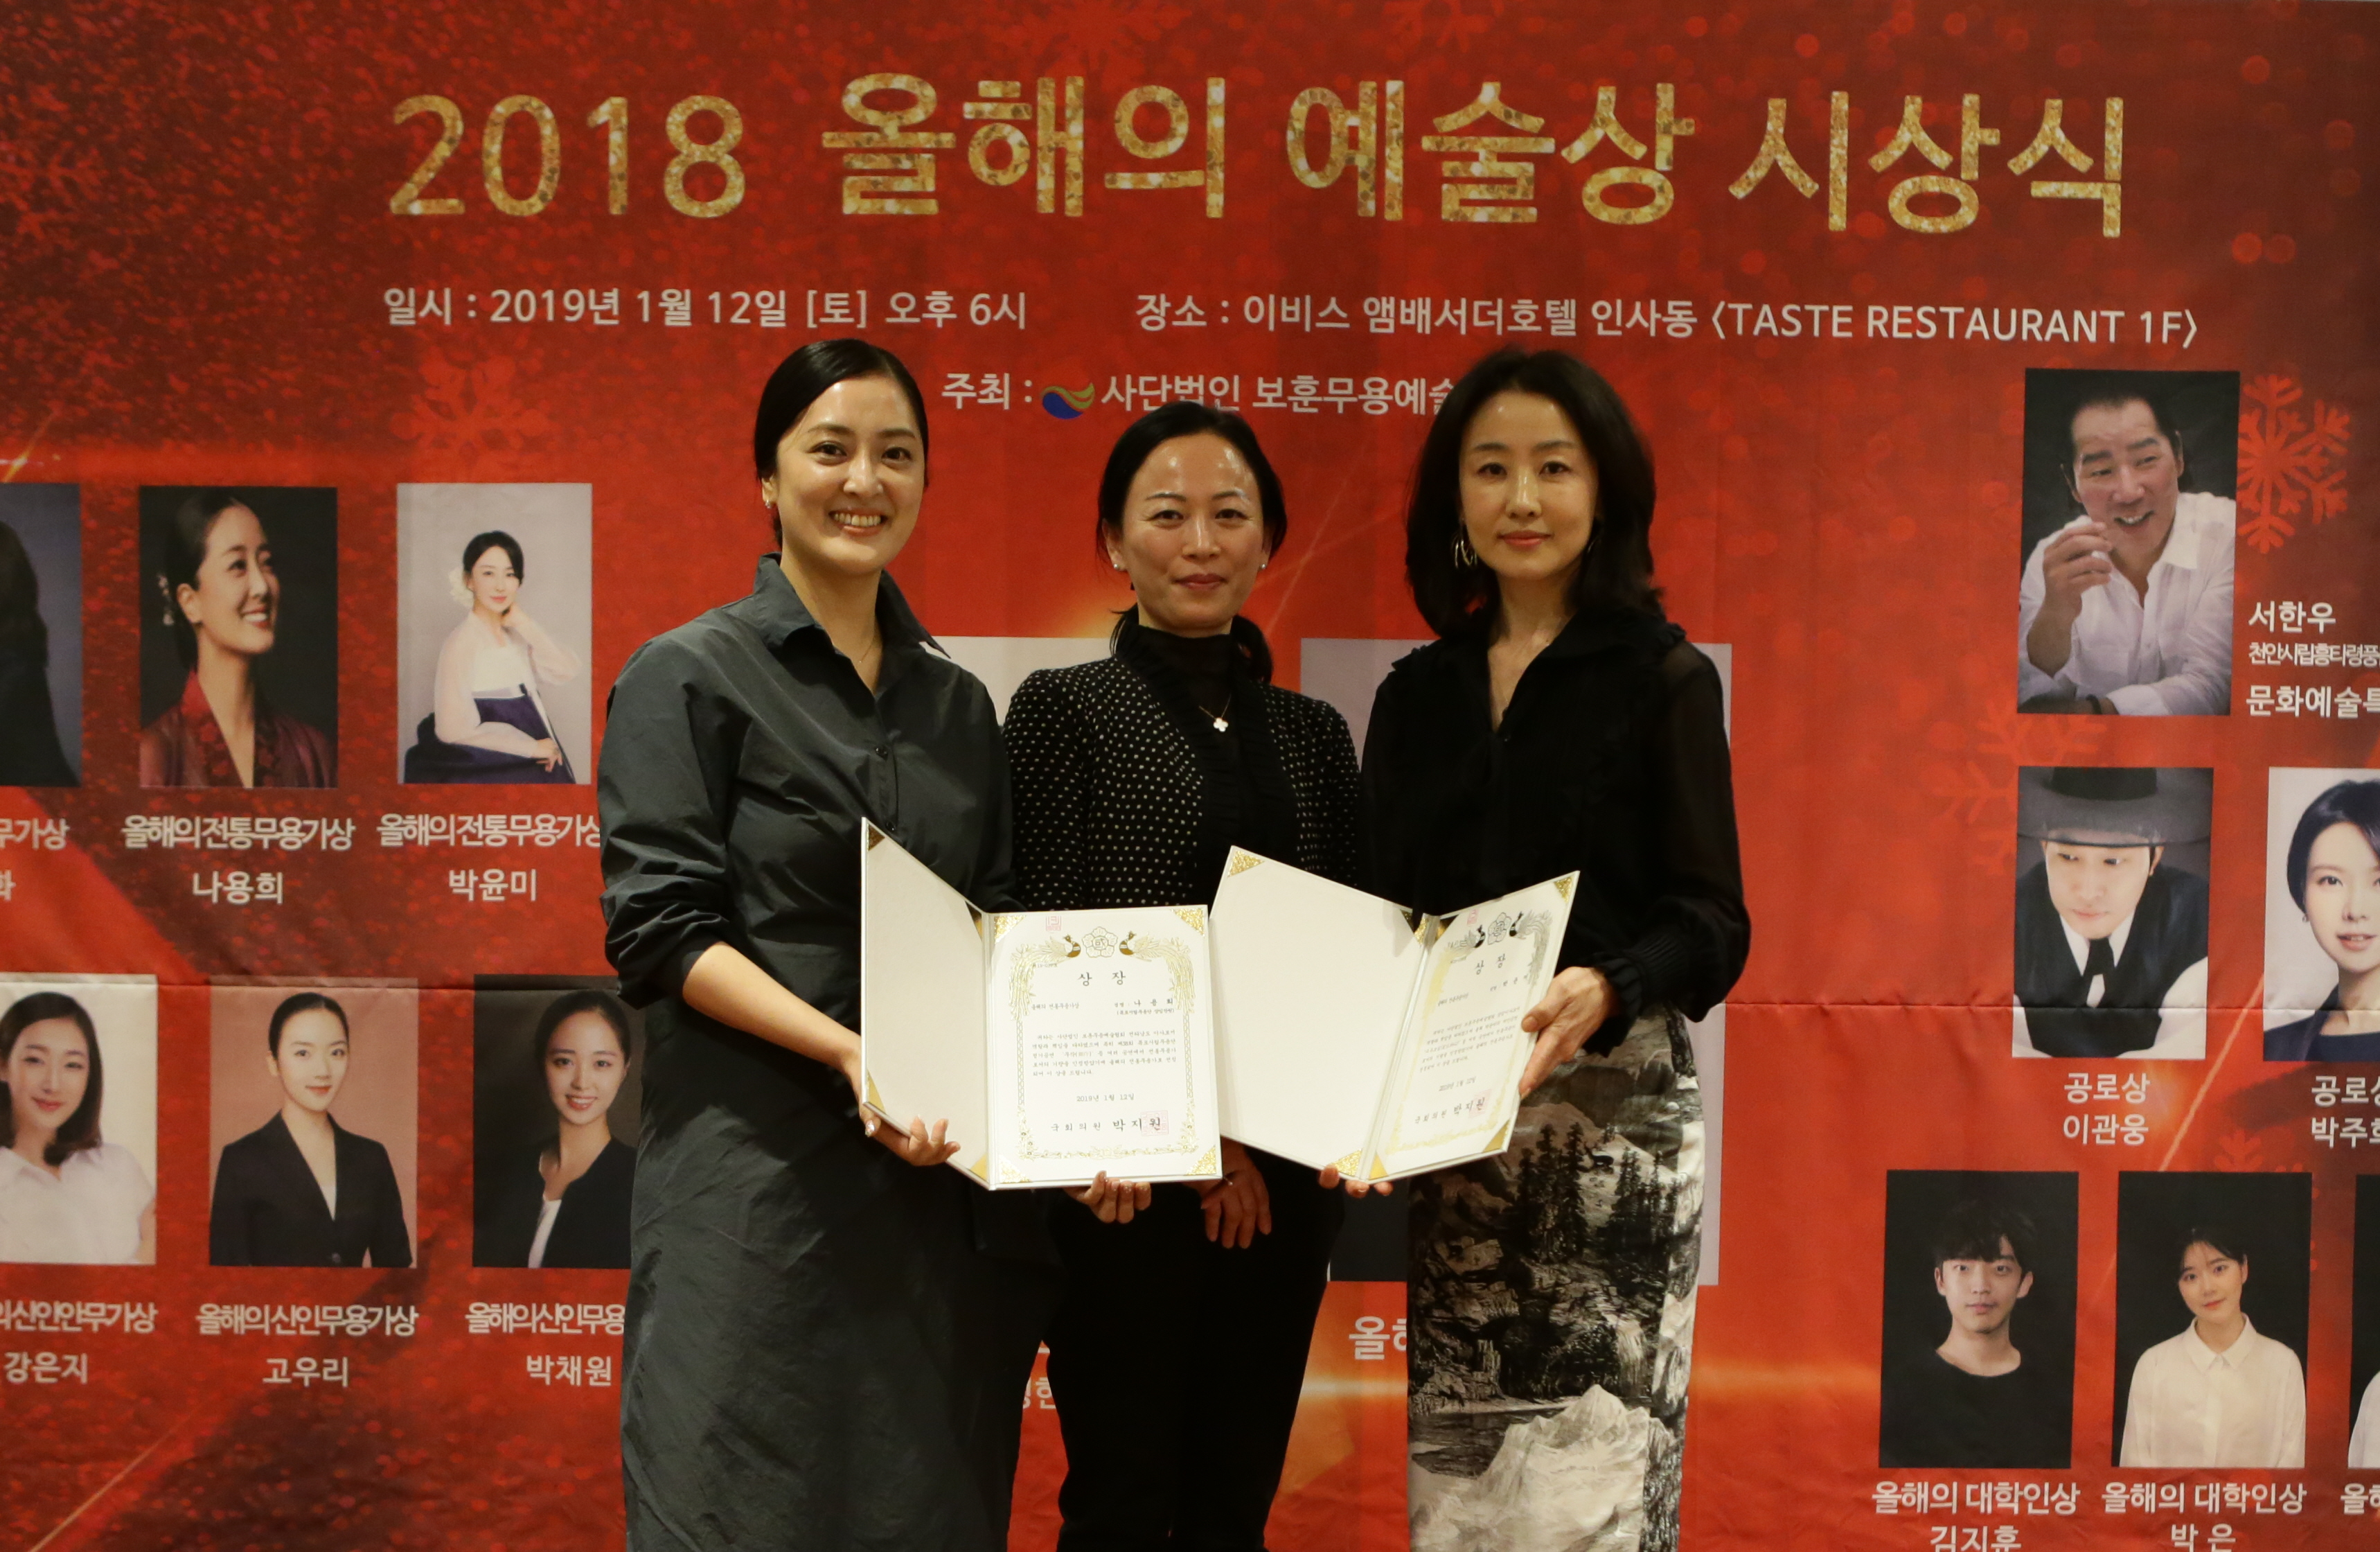 2018올해의 예술상 시상식 (66).JPG